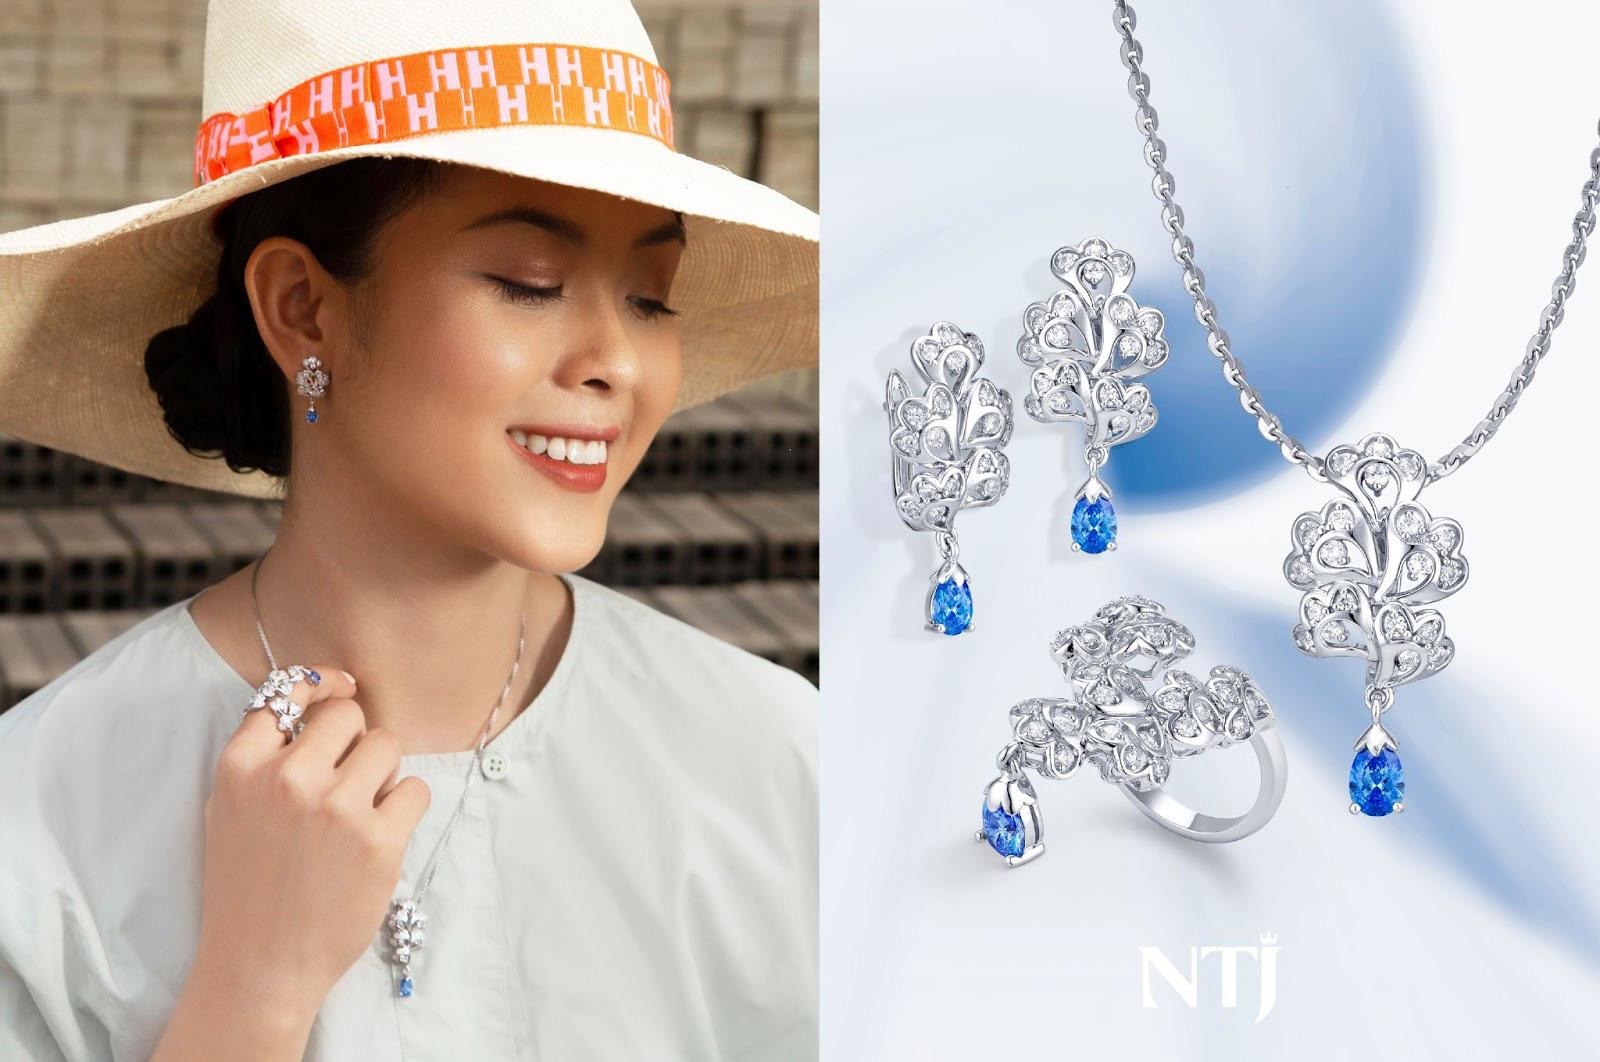 Ngọc Thẩm Jewelry trình làng phim thời trang đậm dấu ấn miền Tây Nam Bộ - Ảnh 6.